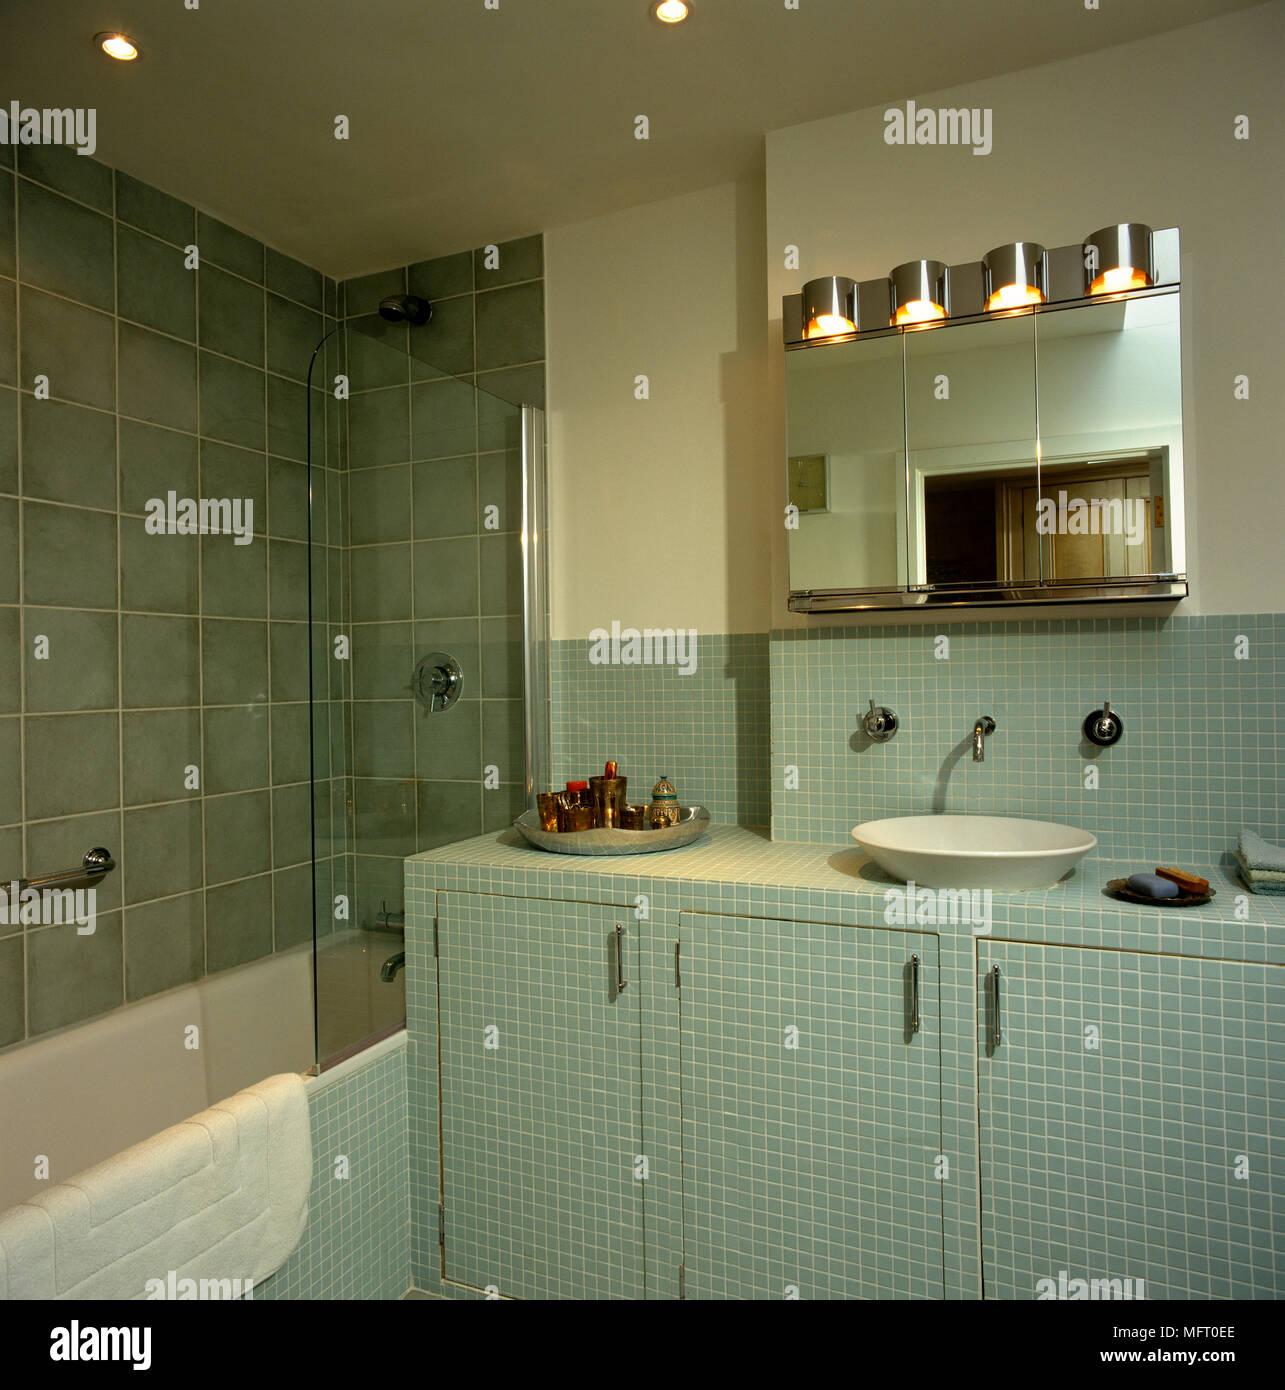 vasque au sol salle de bain Vasque sur sol carrelé armoire à côté de baignoire dans salle de bains vert